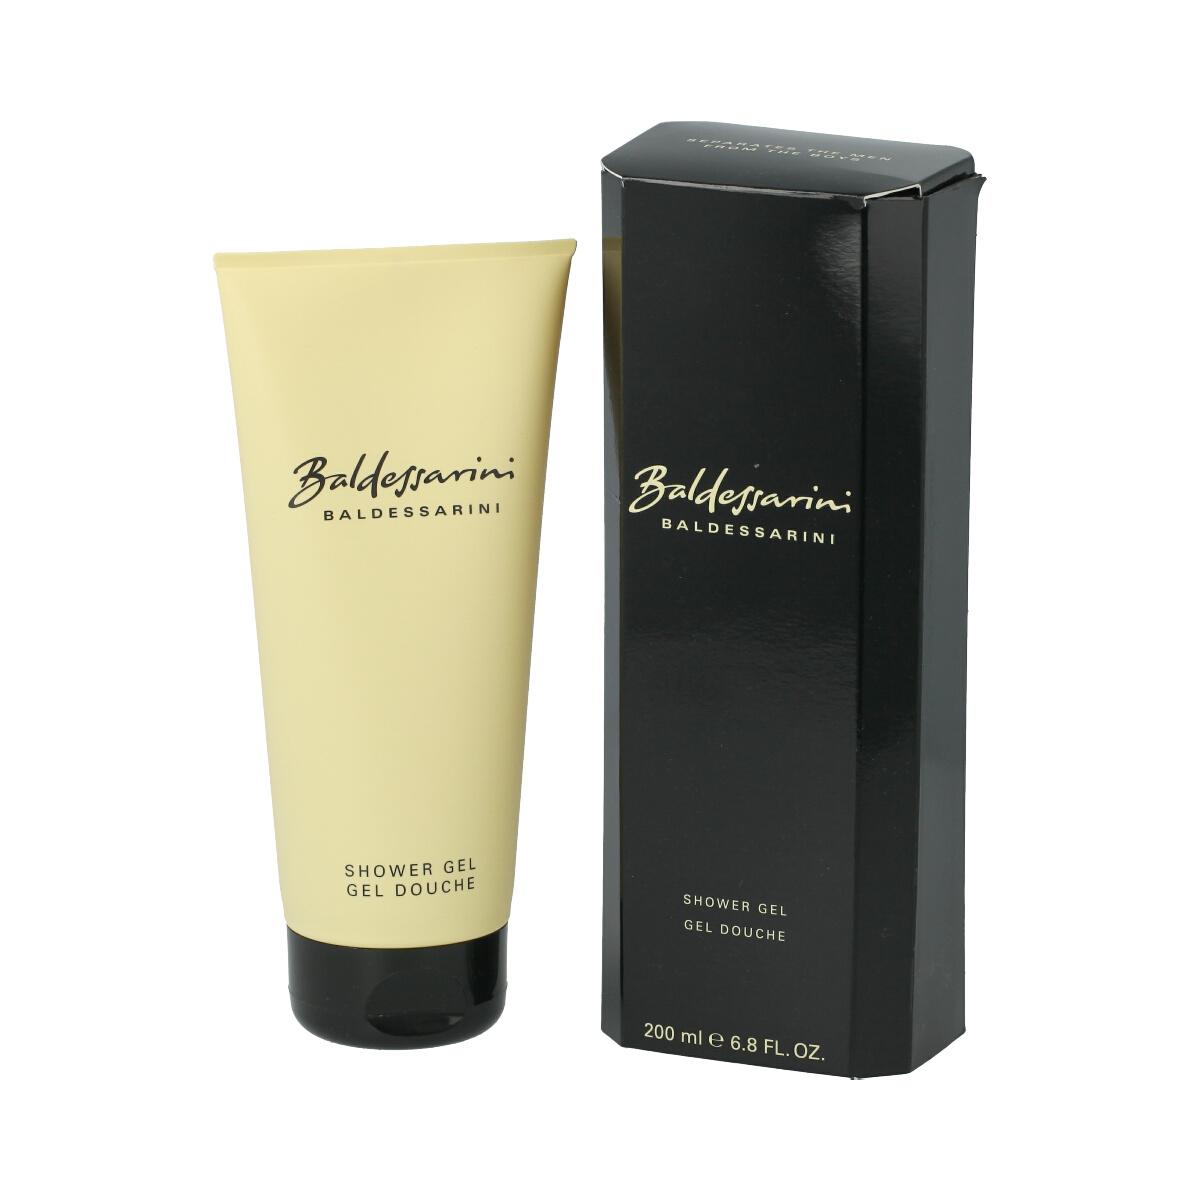 Baldessarini Baldessarini Duschgel 200 ml (man) 72424